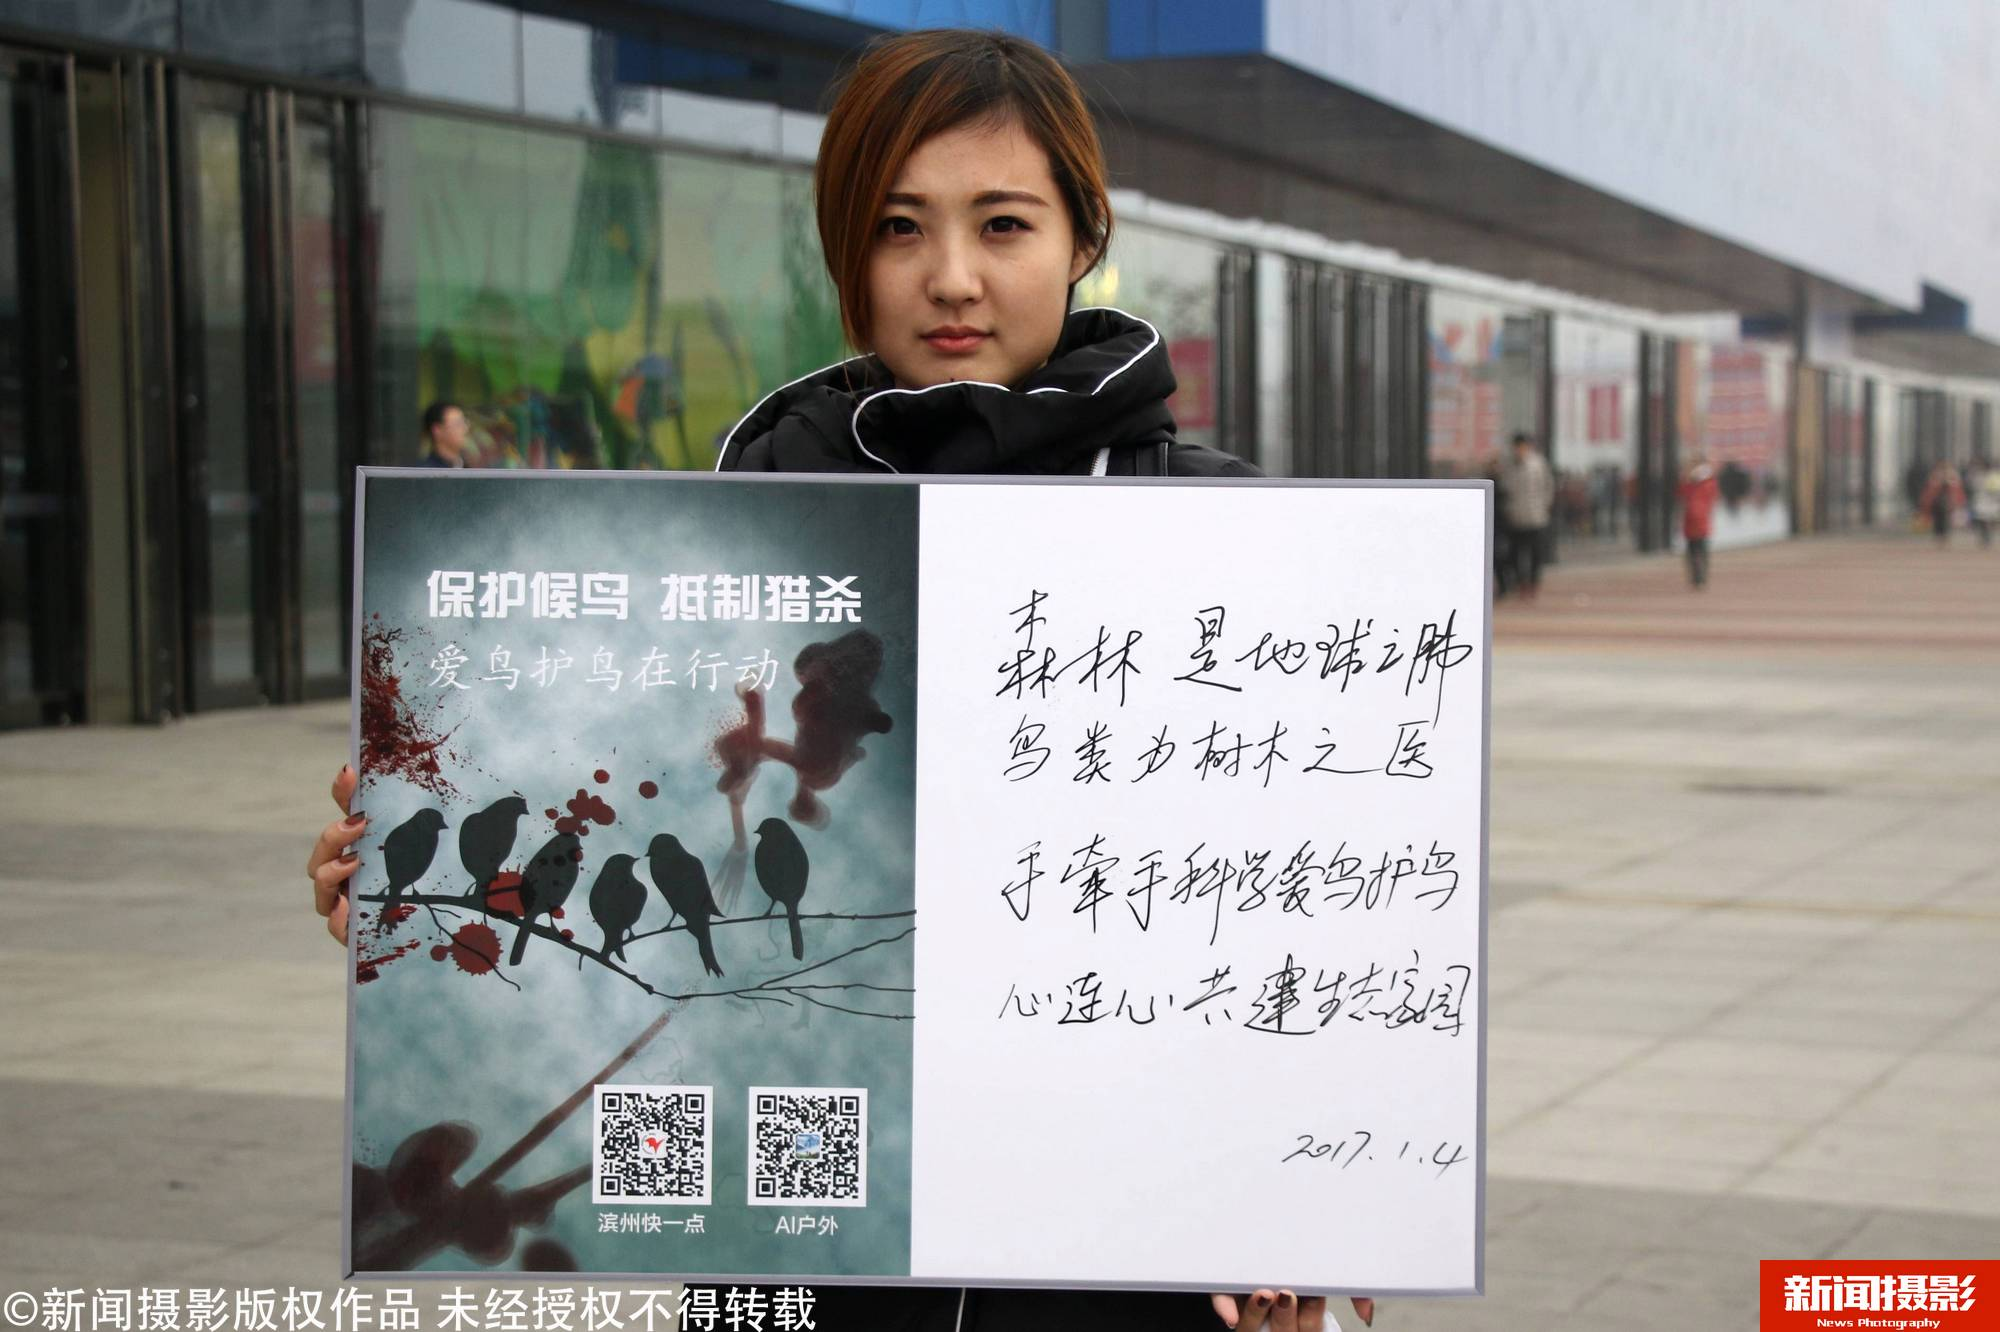 雾霾天美女街头举牌呼吁抵制猎杀候鸟 - 梅思特 - 你拥有很多,而我,只有你。。。